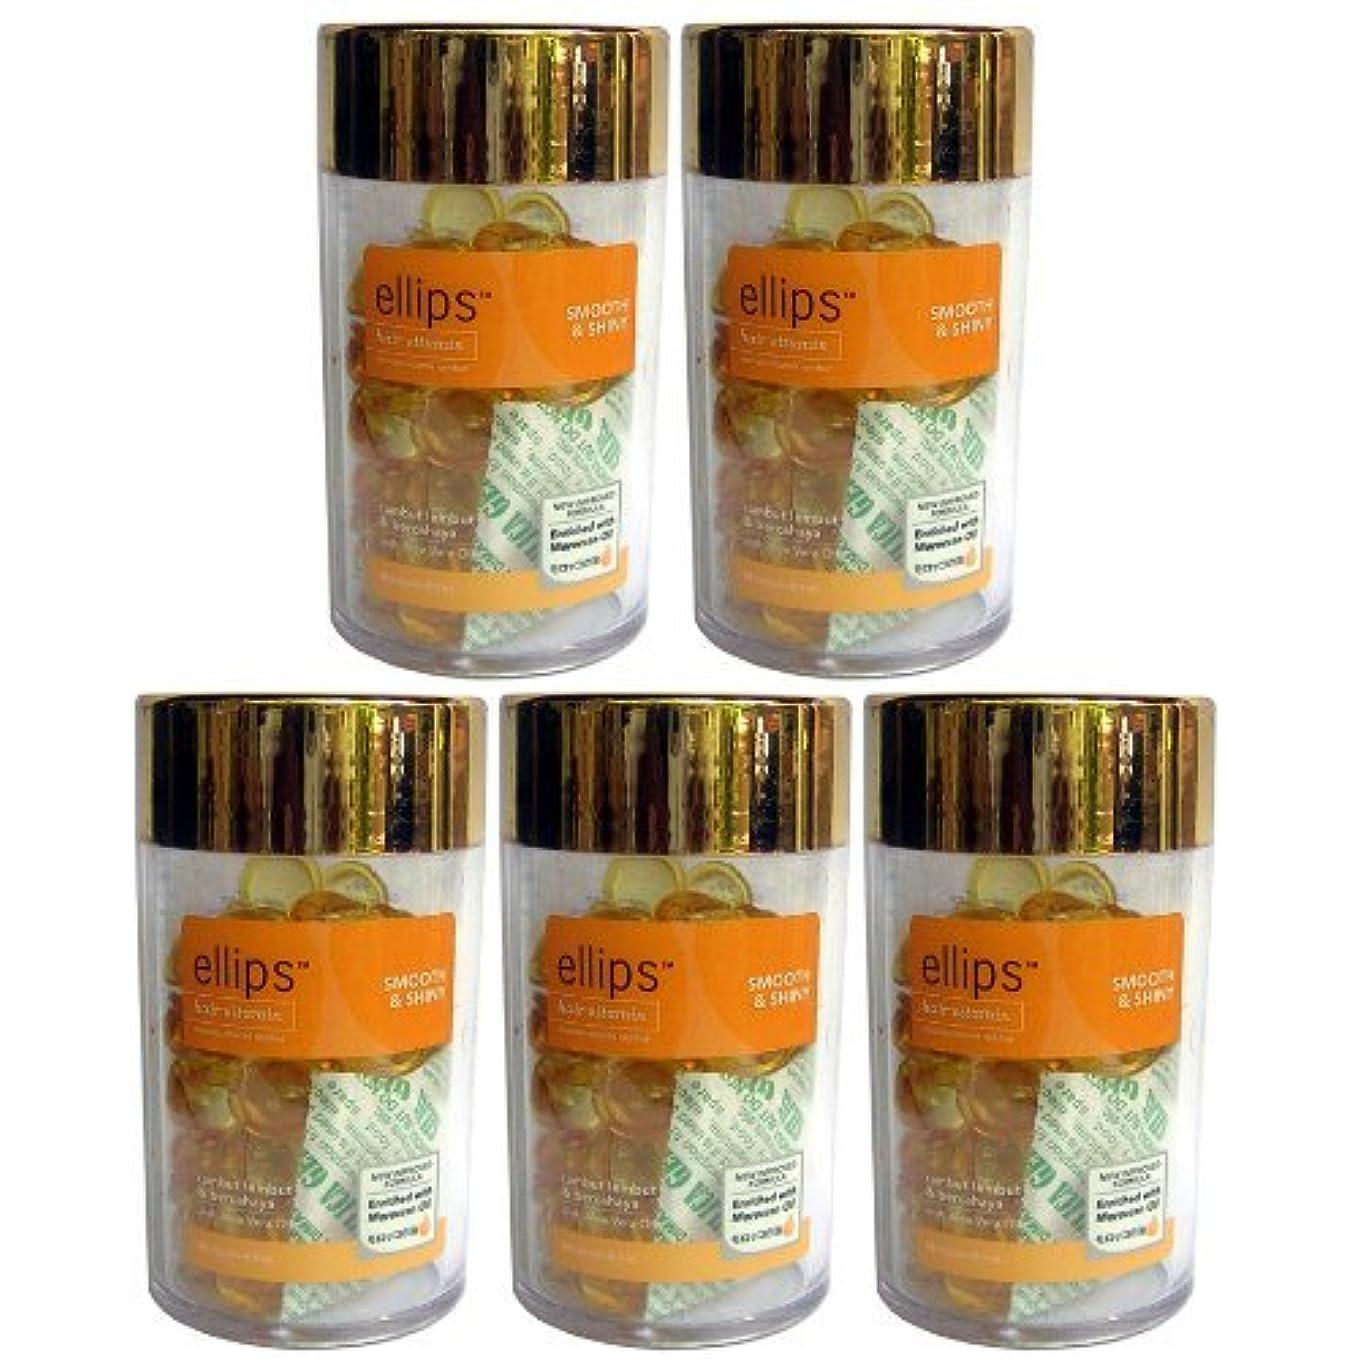 リムミット解説Ellips(エリプス)ヘアビタミン(50粒入)5個セット [並行輸入品][海外直送品] イエロー